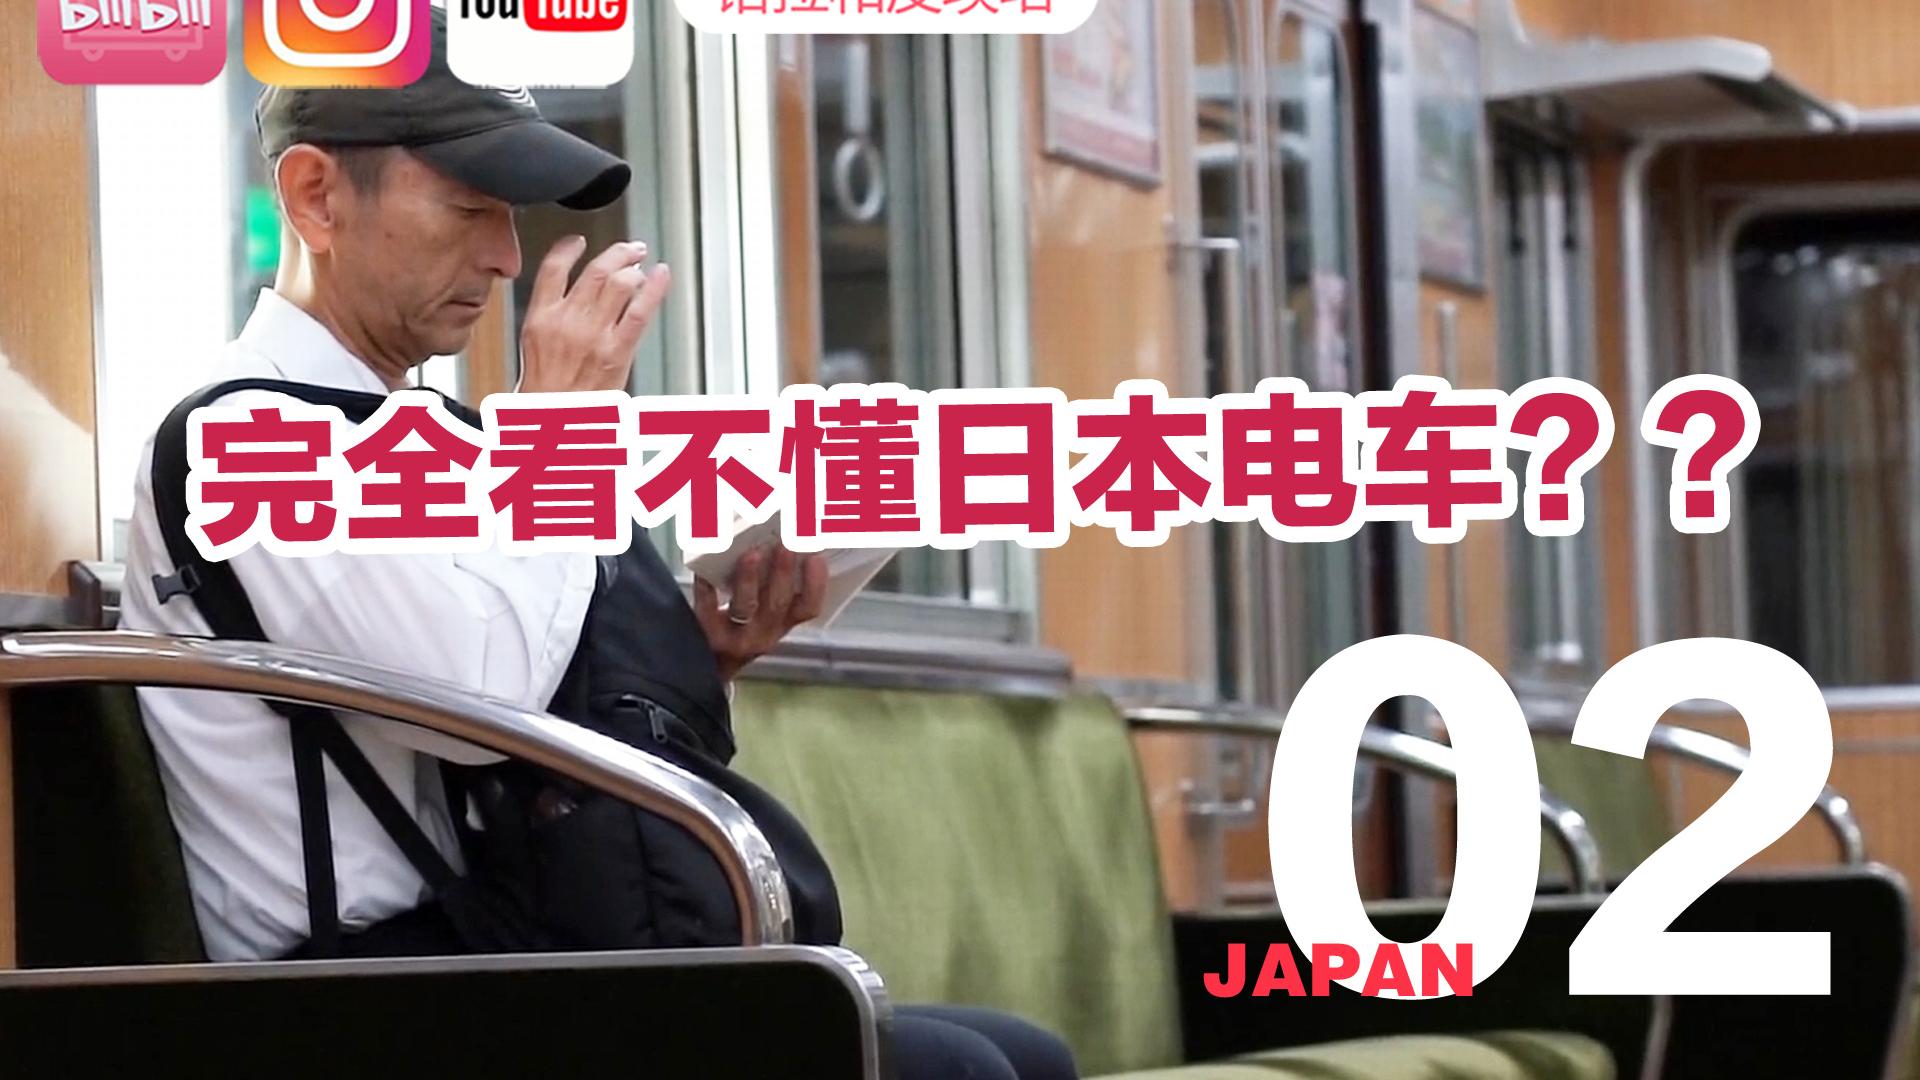 真实的日本02集:关西空港到大阪市区,日本的电车复杂程度令人发指!